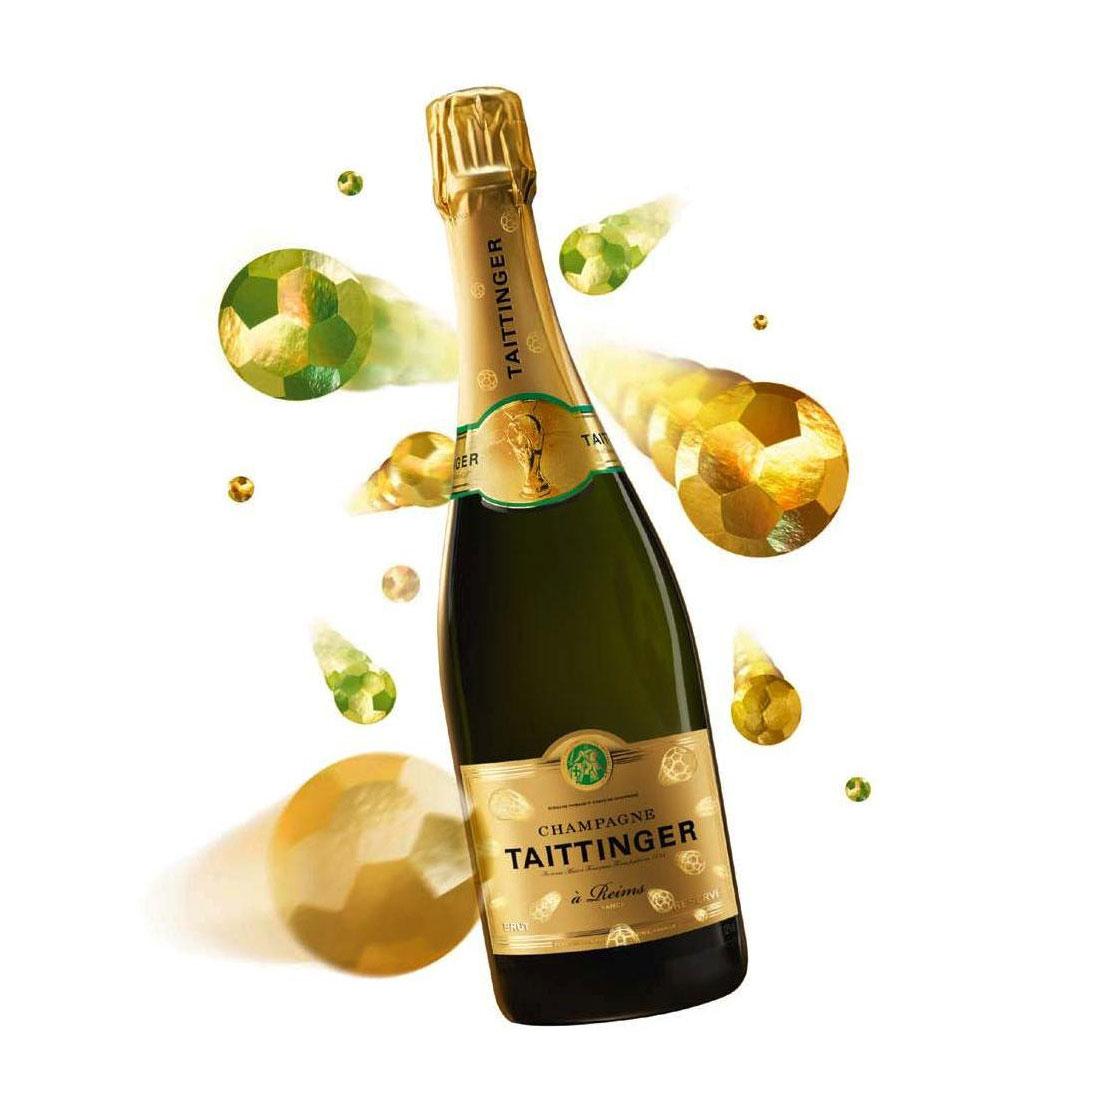 tattinger Champagne bottle